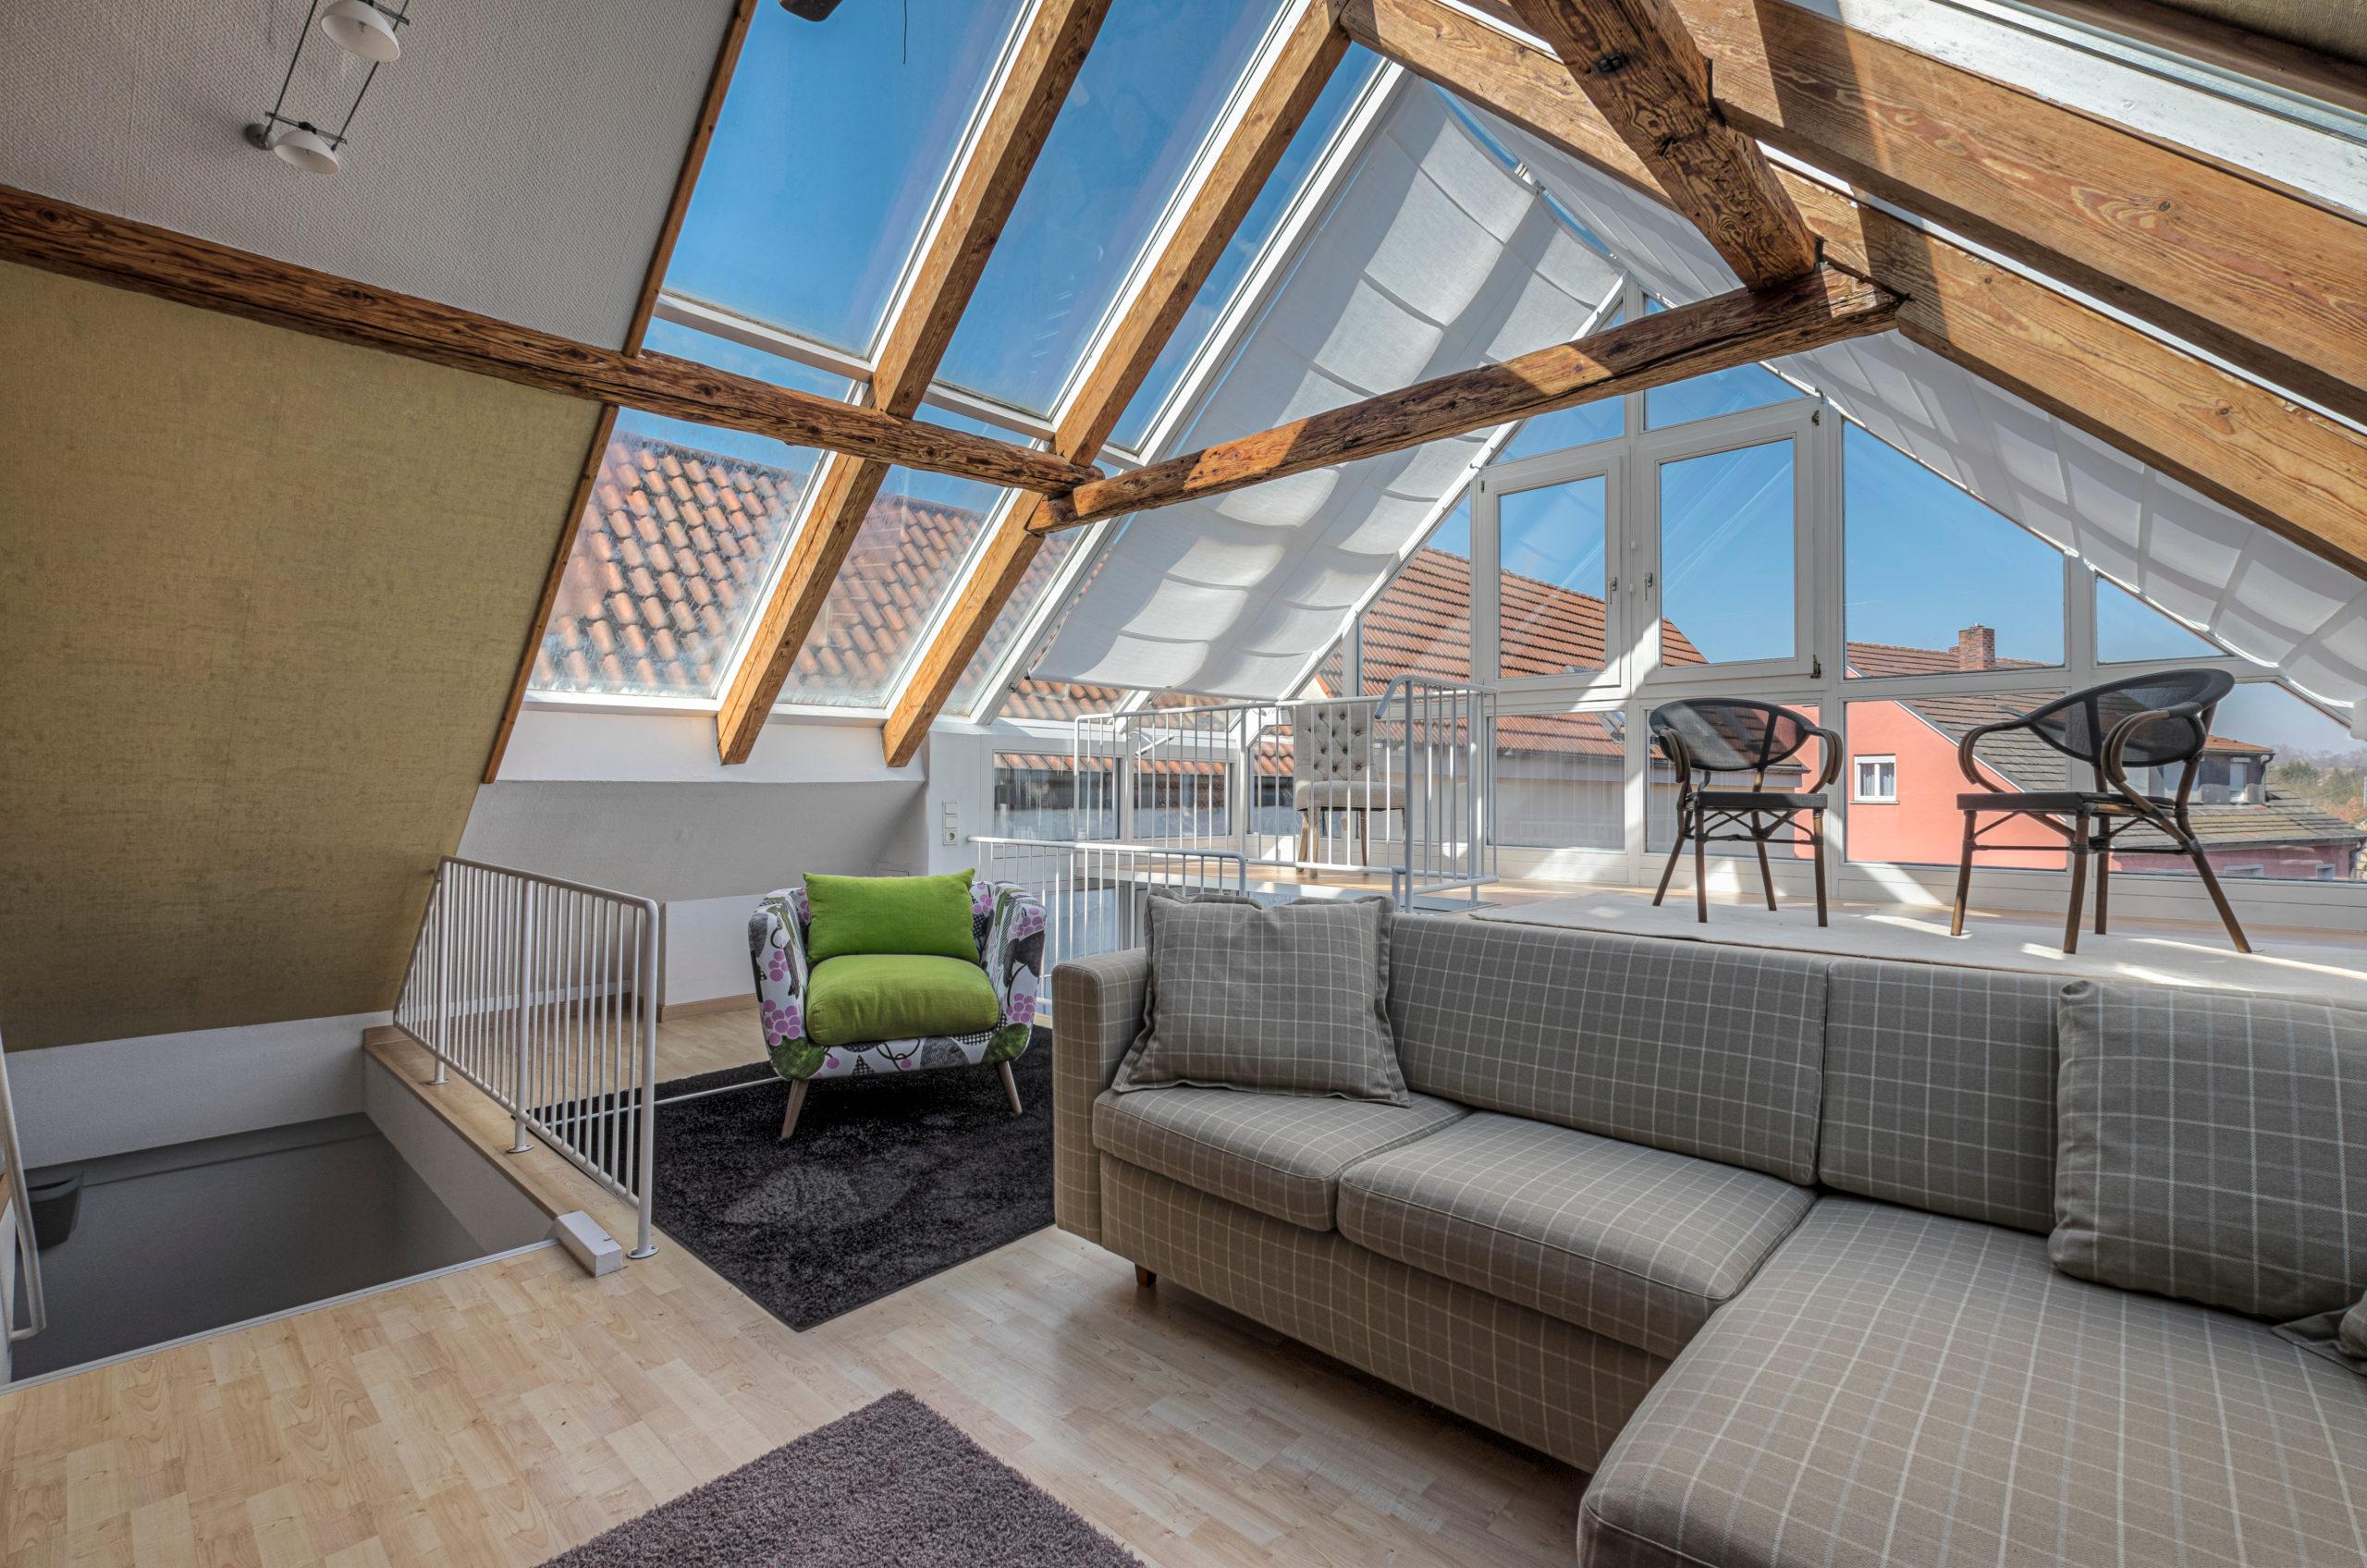 loft conversion cost